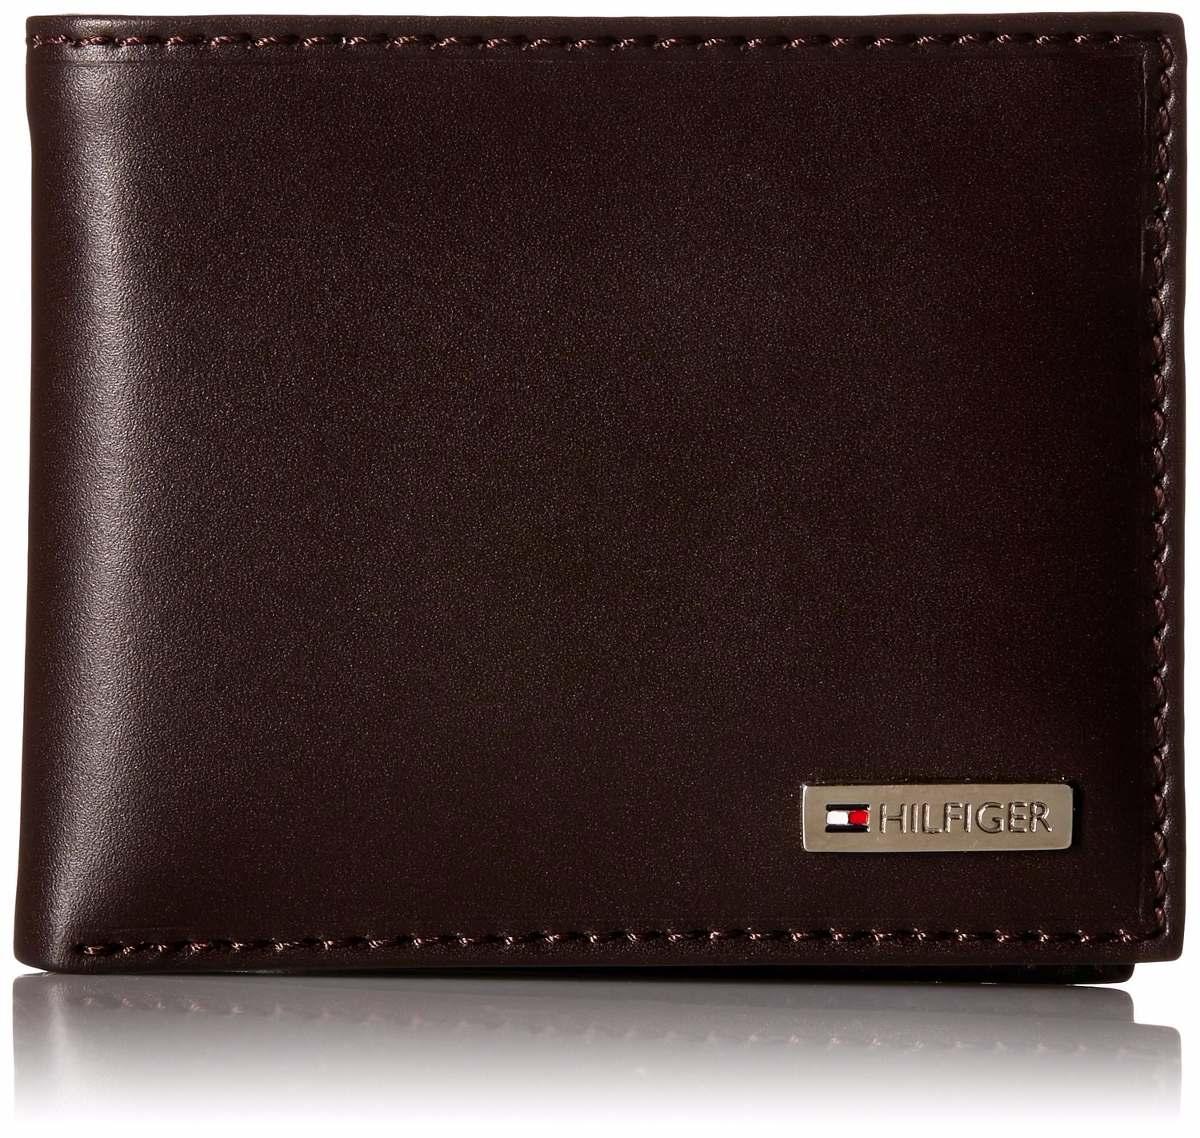 1cbb7645b99 carteira masculina tommy hilfiger em couro symbol - brown. Carregando zoom.